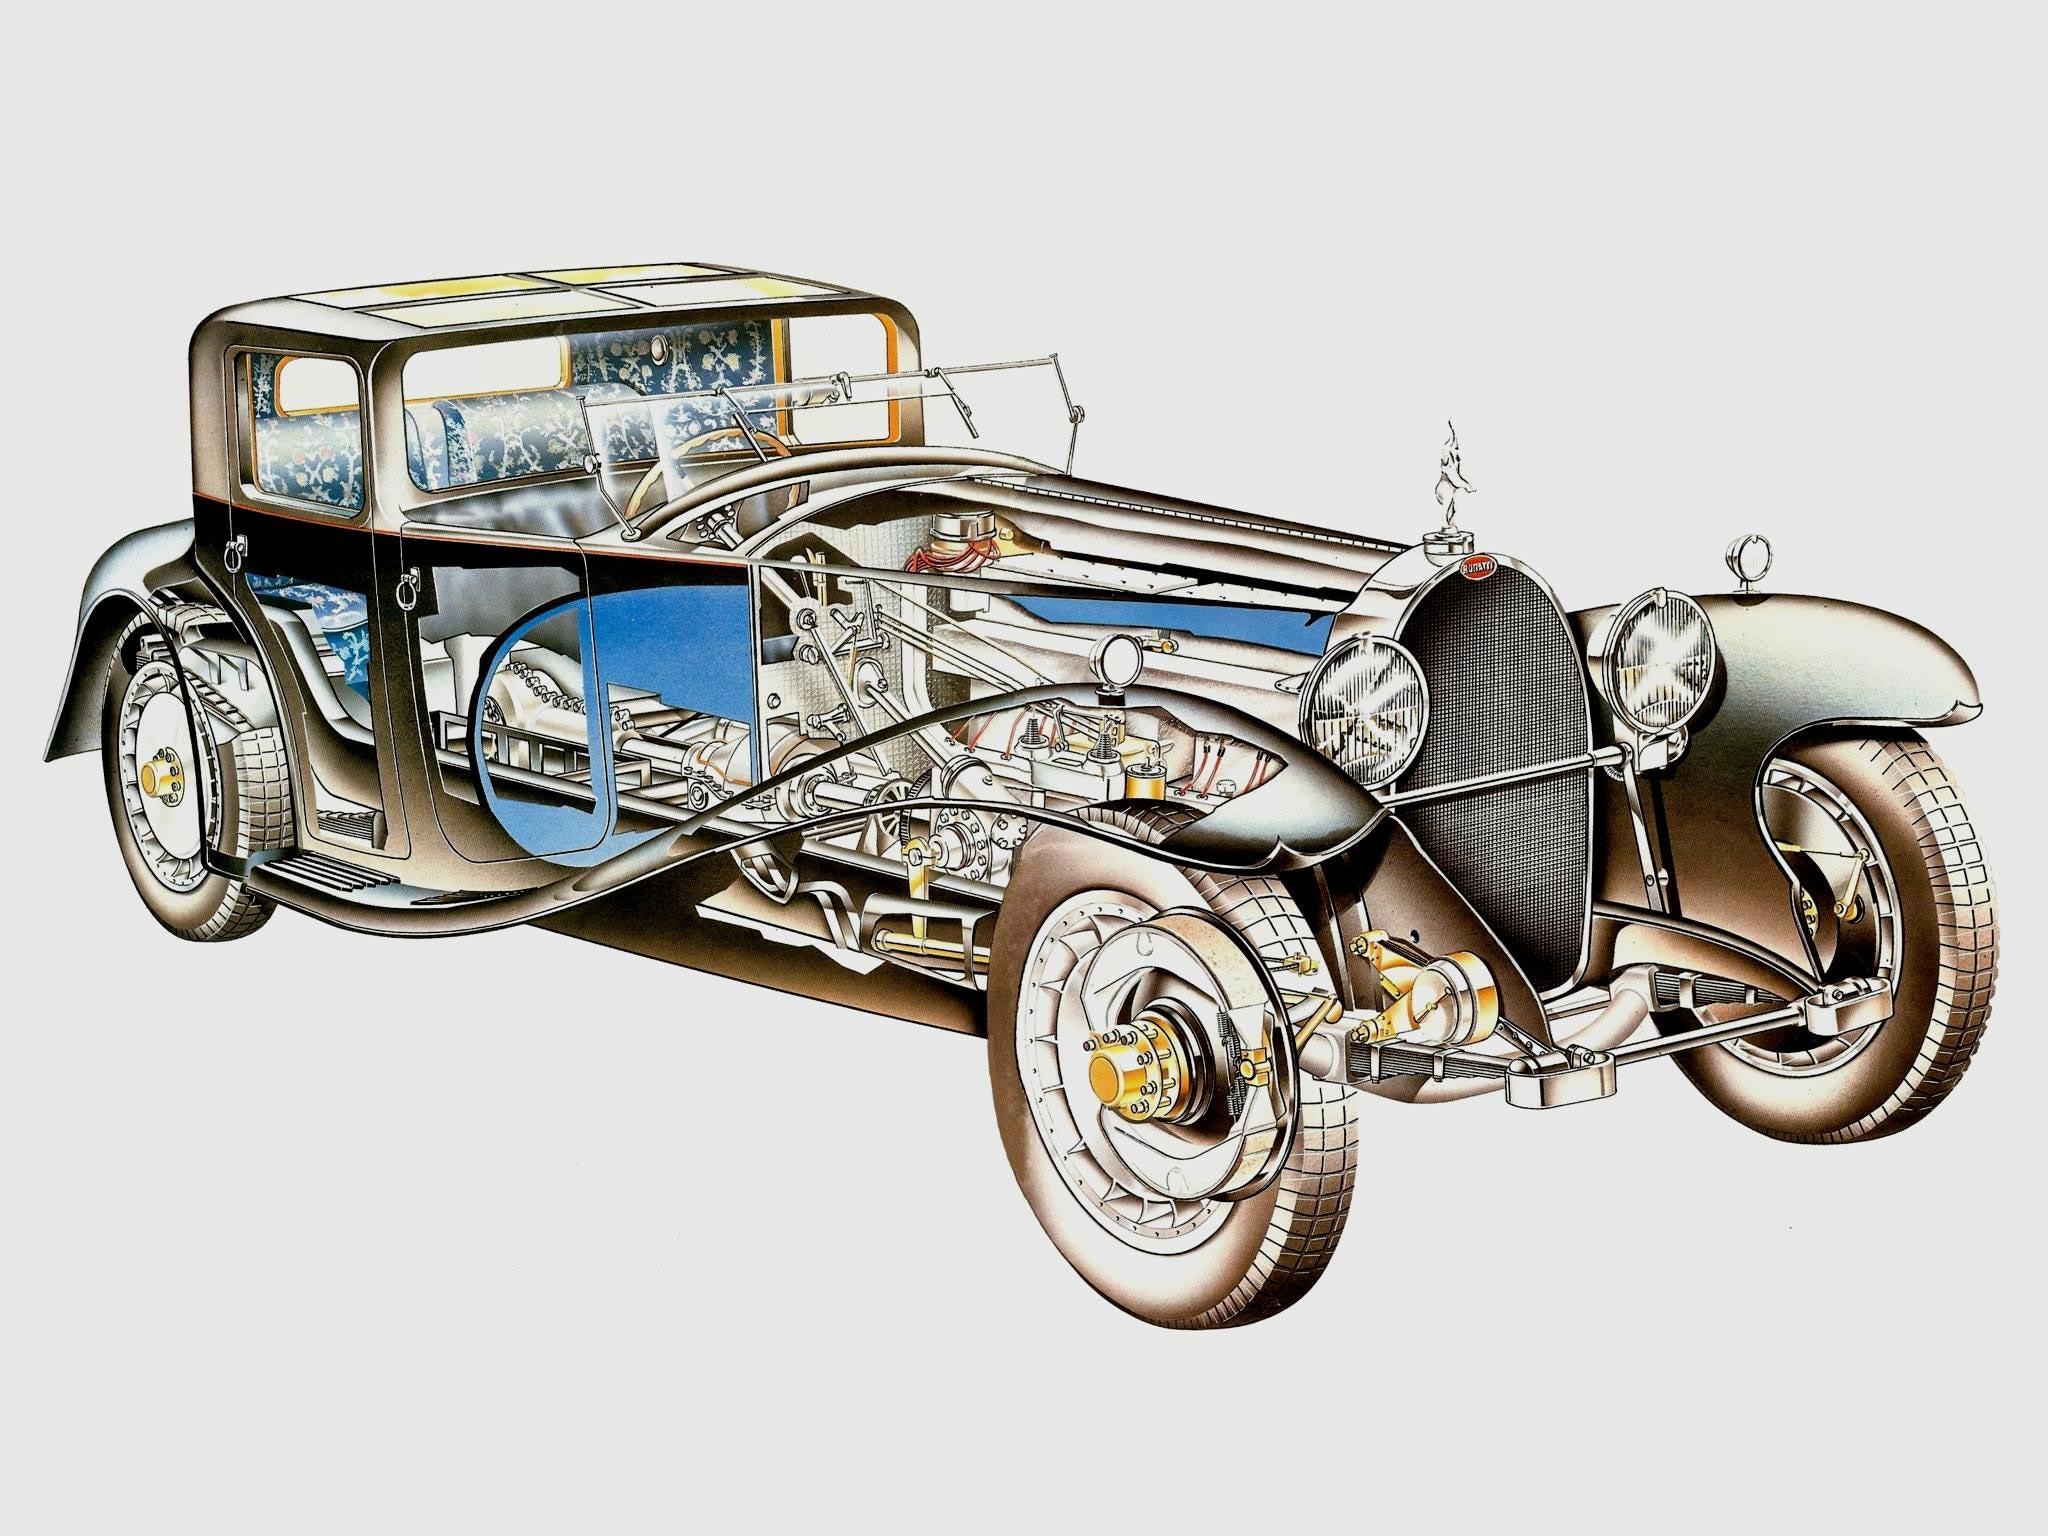 Bugatti Royale cutaway